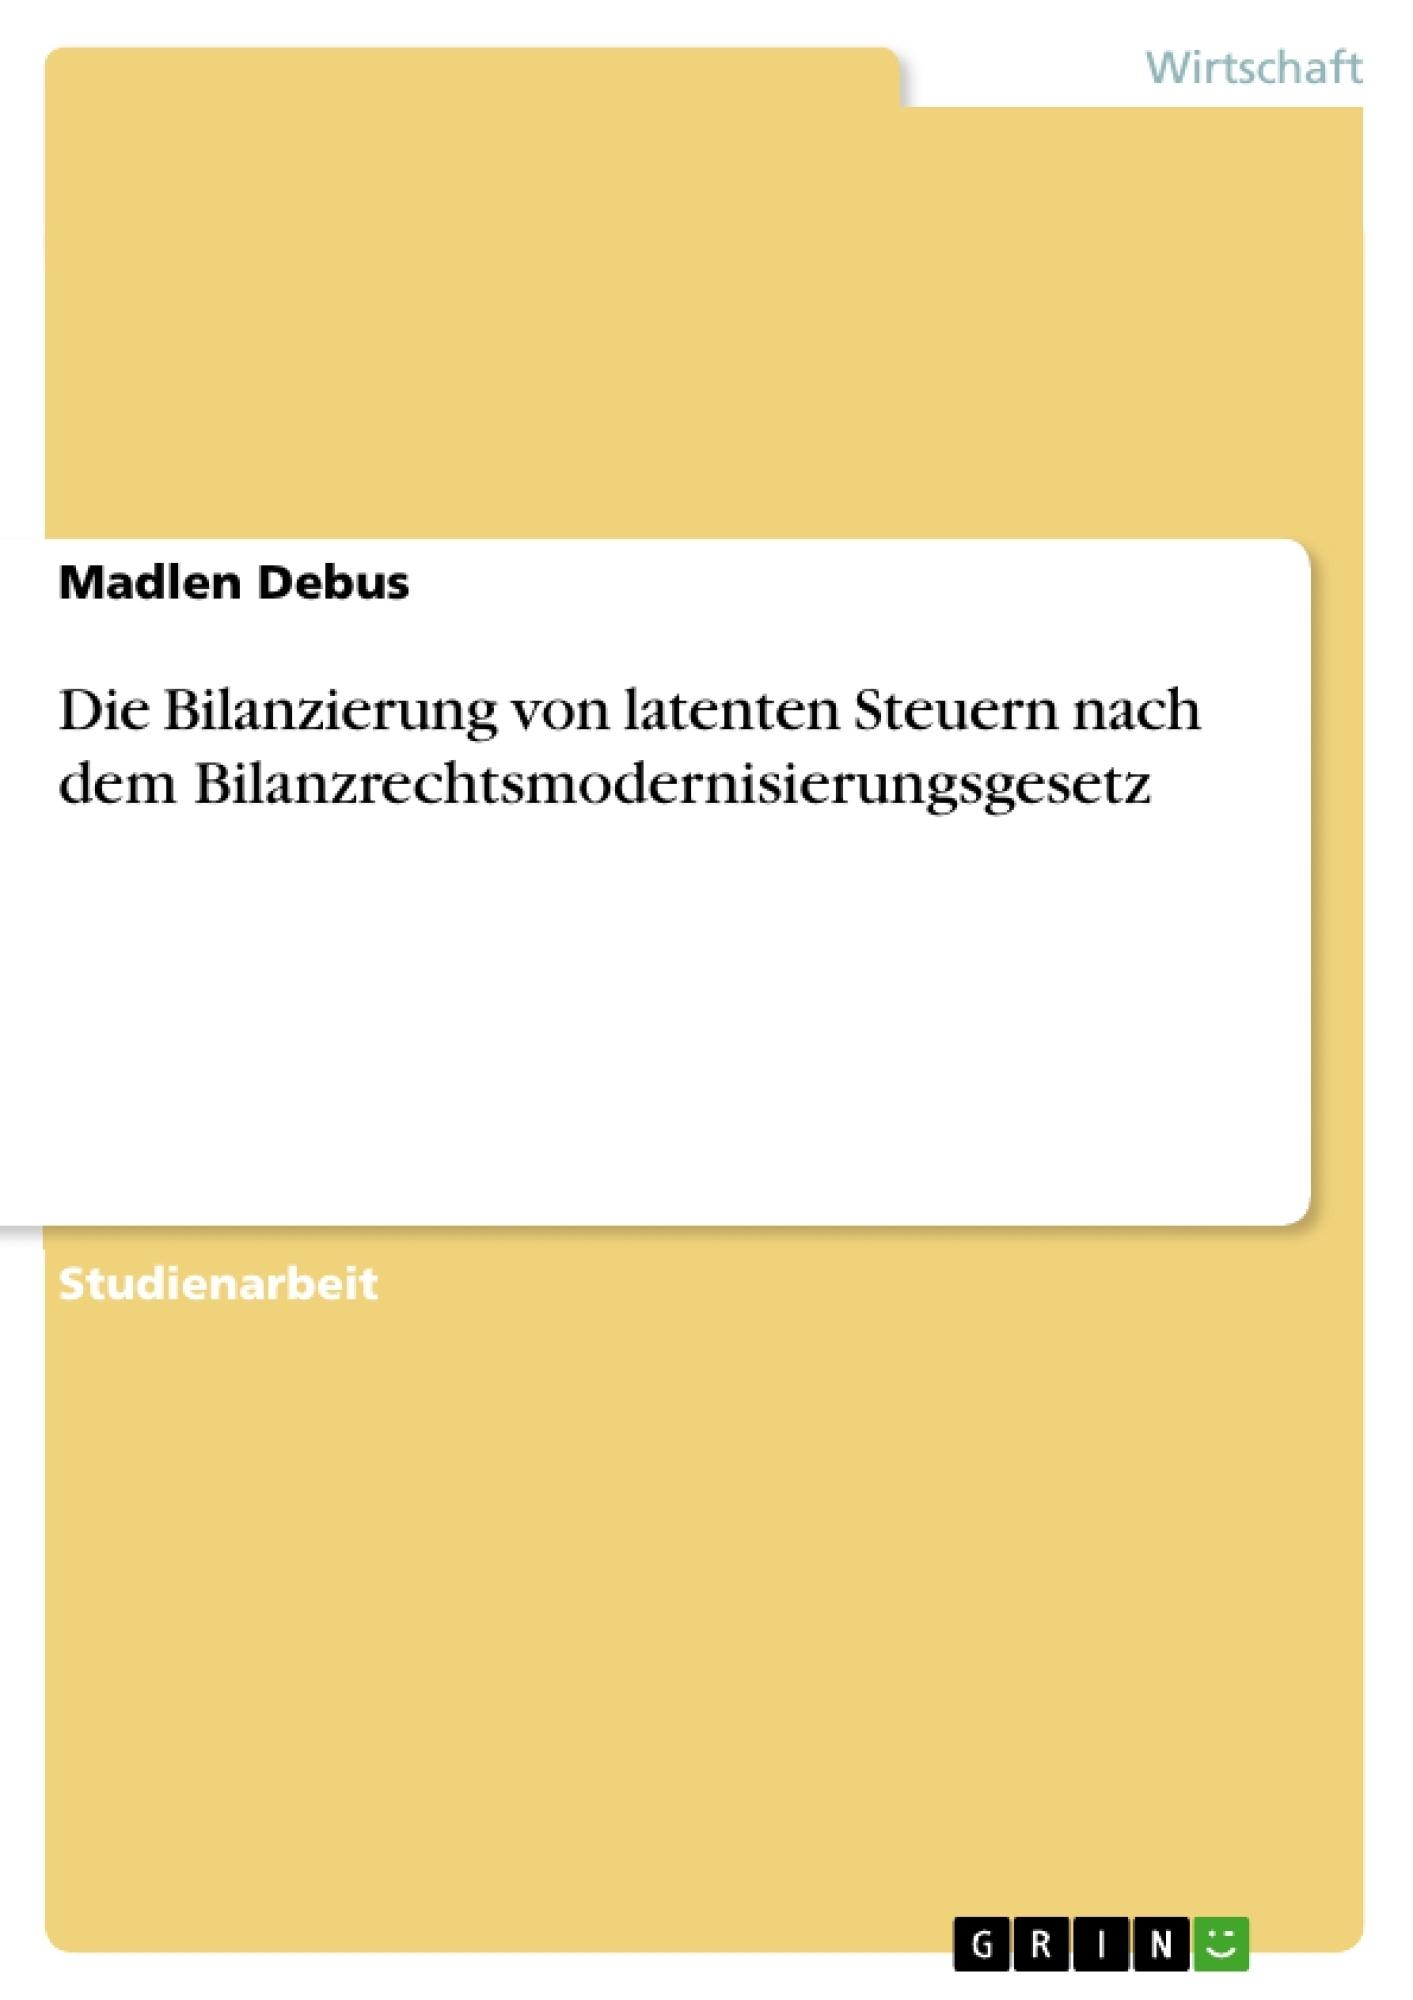 Titel: Die Bilanzierung von latenten Steuern nach dem Bilanzrechtsmodernisierungsgesetz